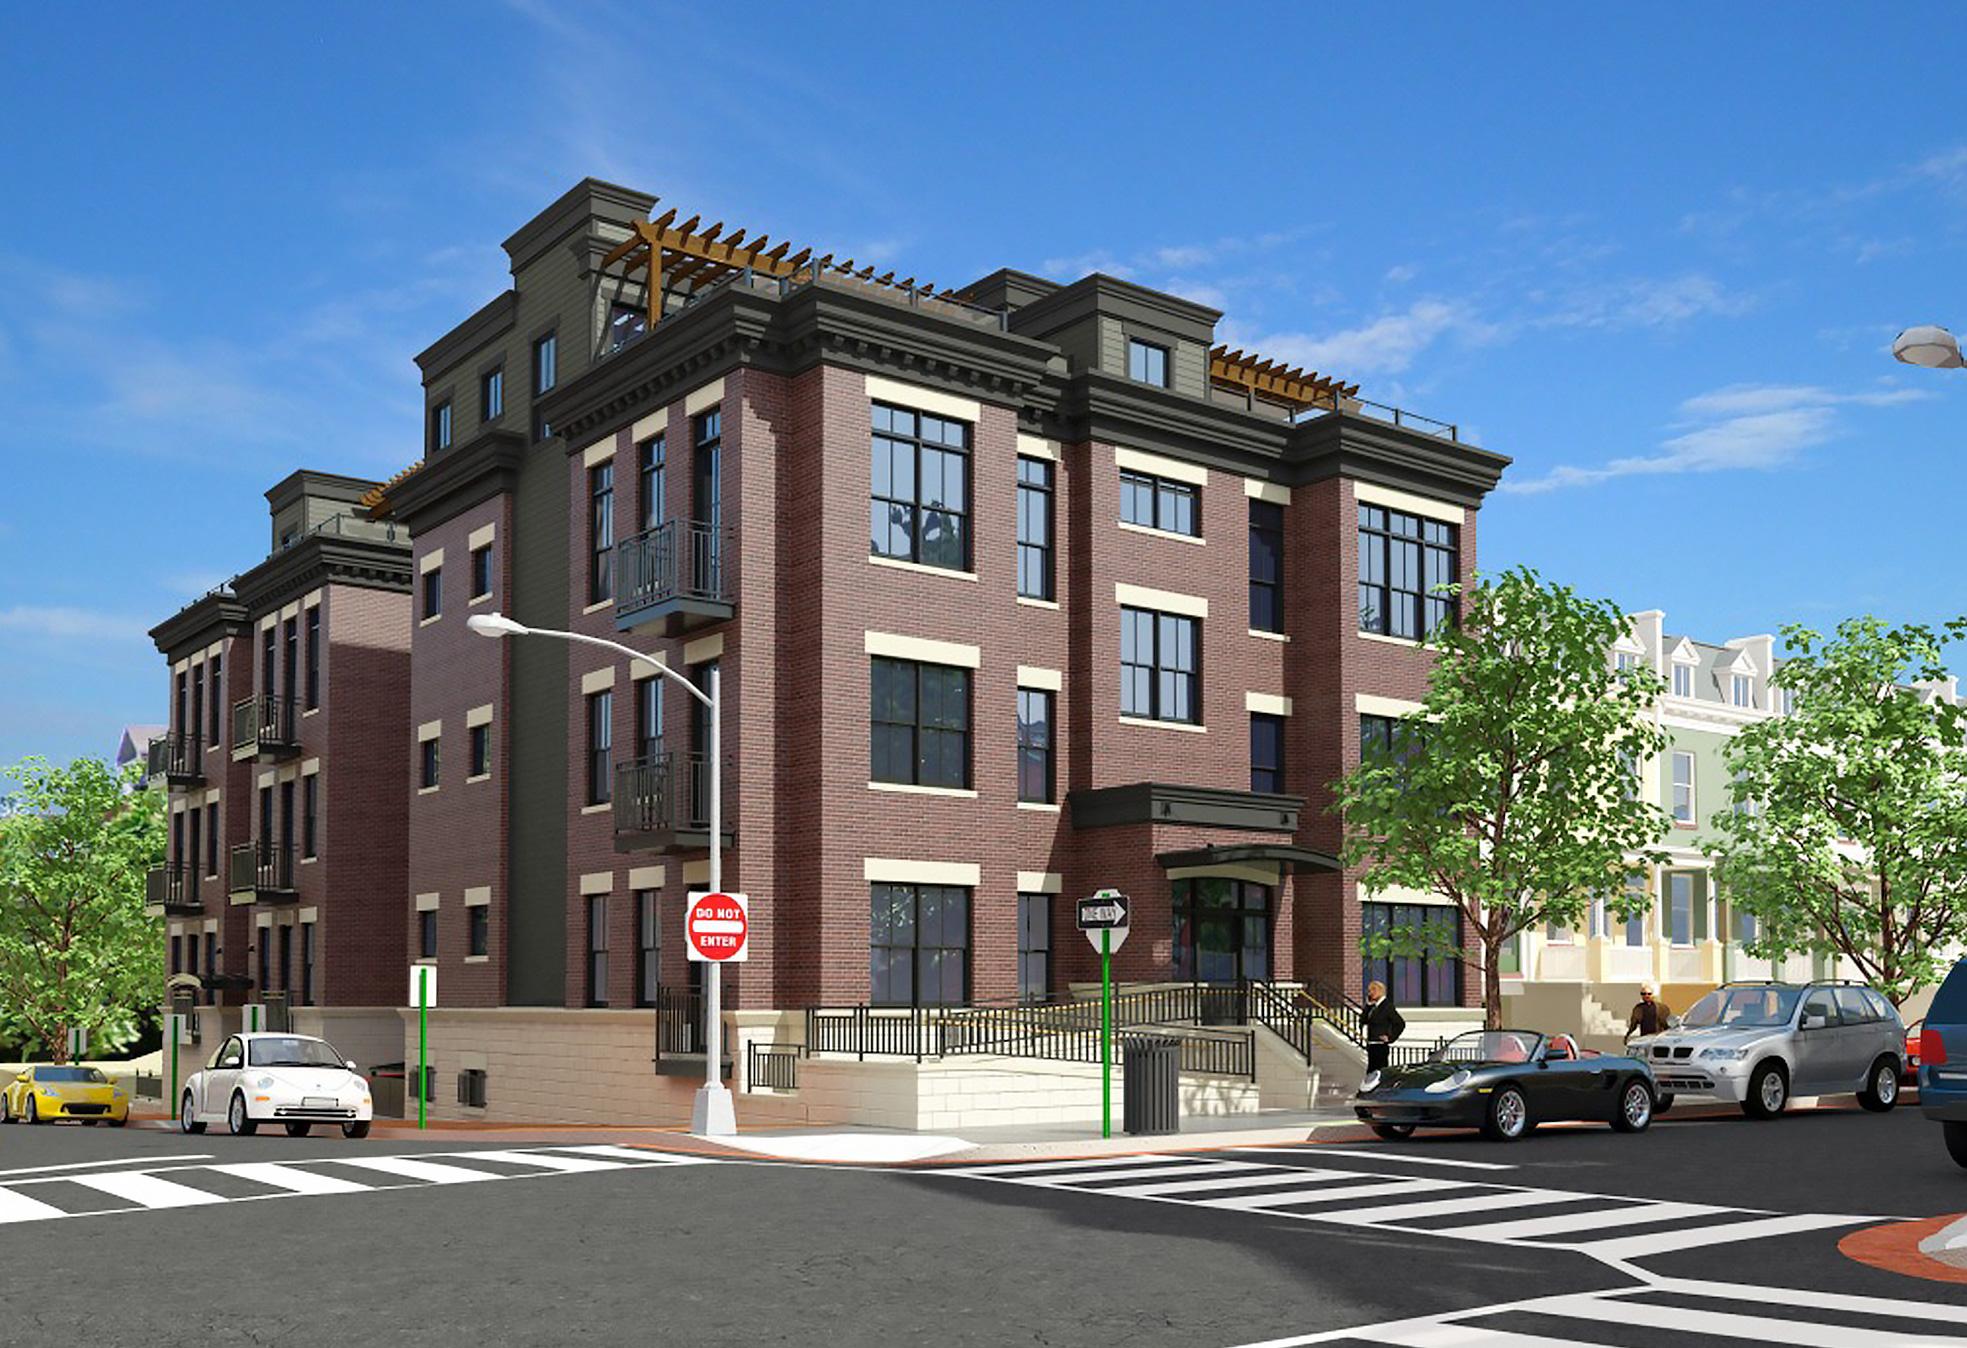 1700 Euclid Condominiums